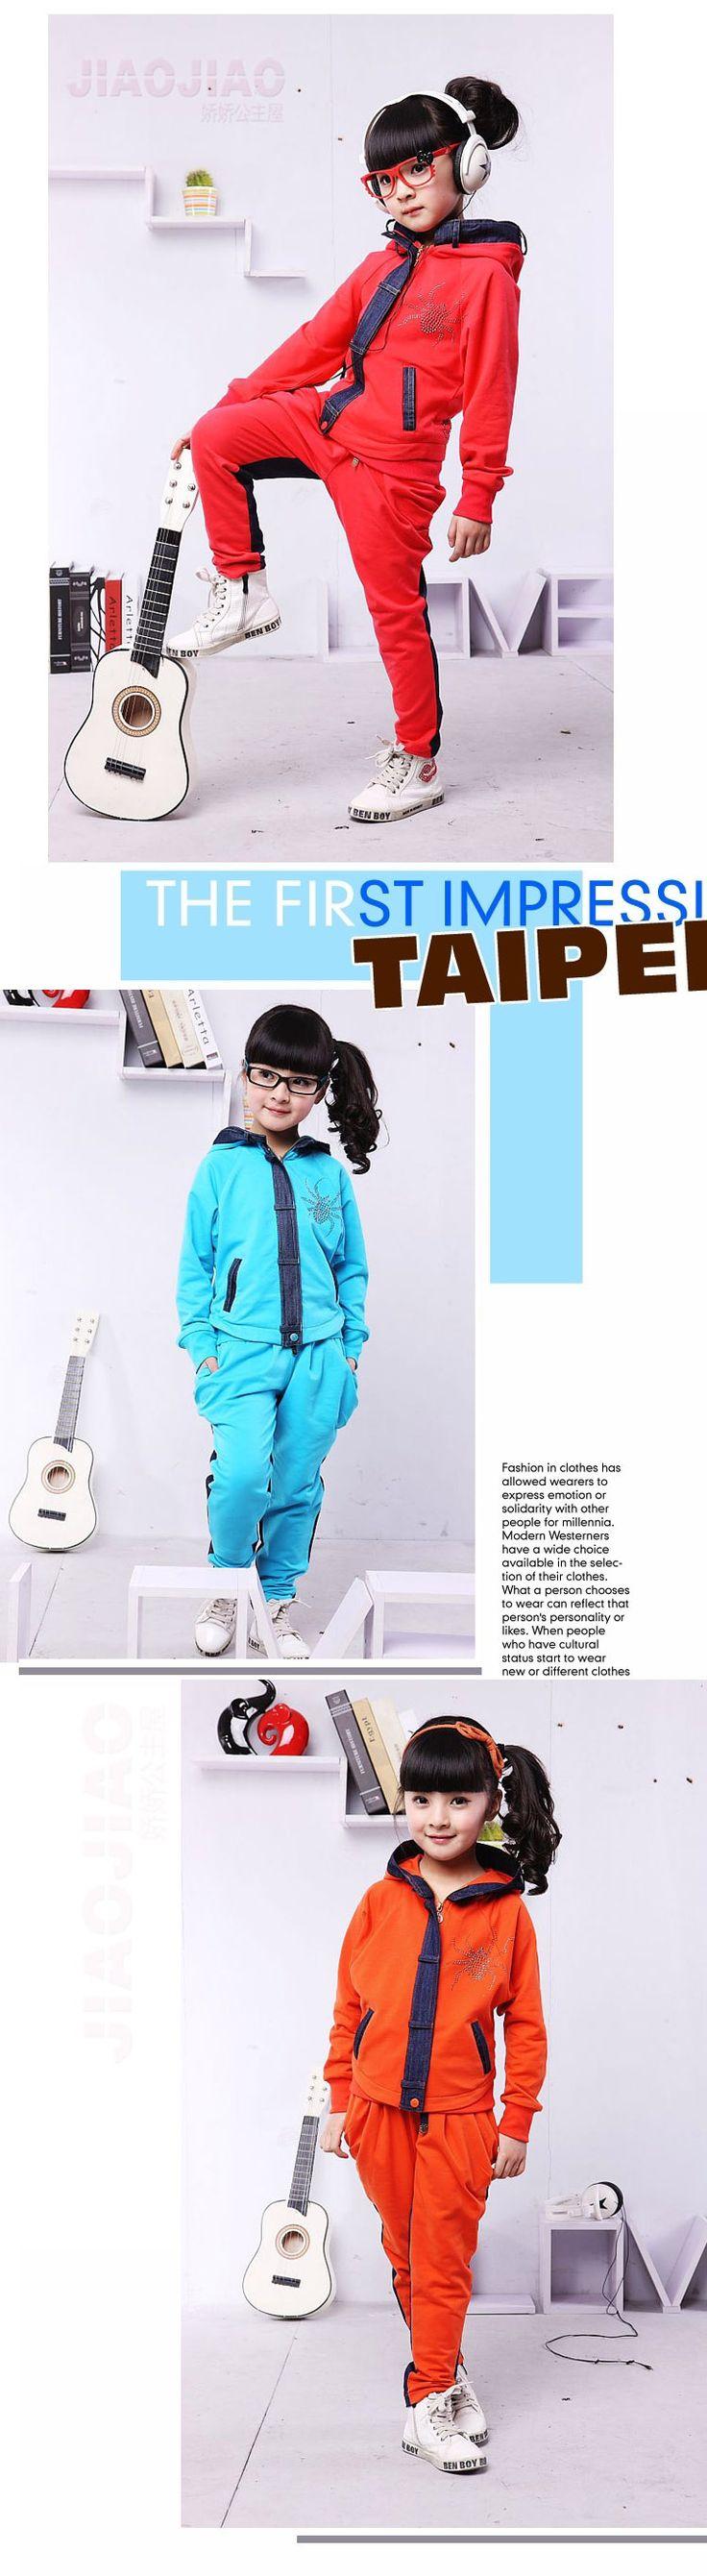 2015 новинка мода детская одежда комплект девочек джинсовой лоскутное пальто + брюки спортивный костюм детский весна осень спорт толстовка костюм, принадлежащий категории Комплекты одежды и относящийся к Детские товары на сайте AliExpress.com | Alibaba Group